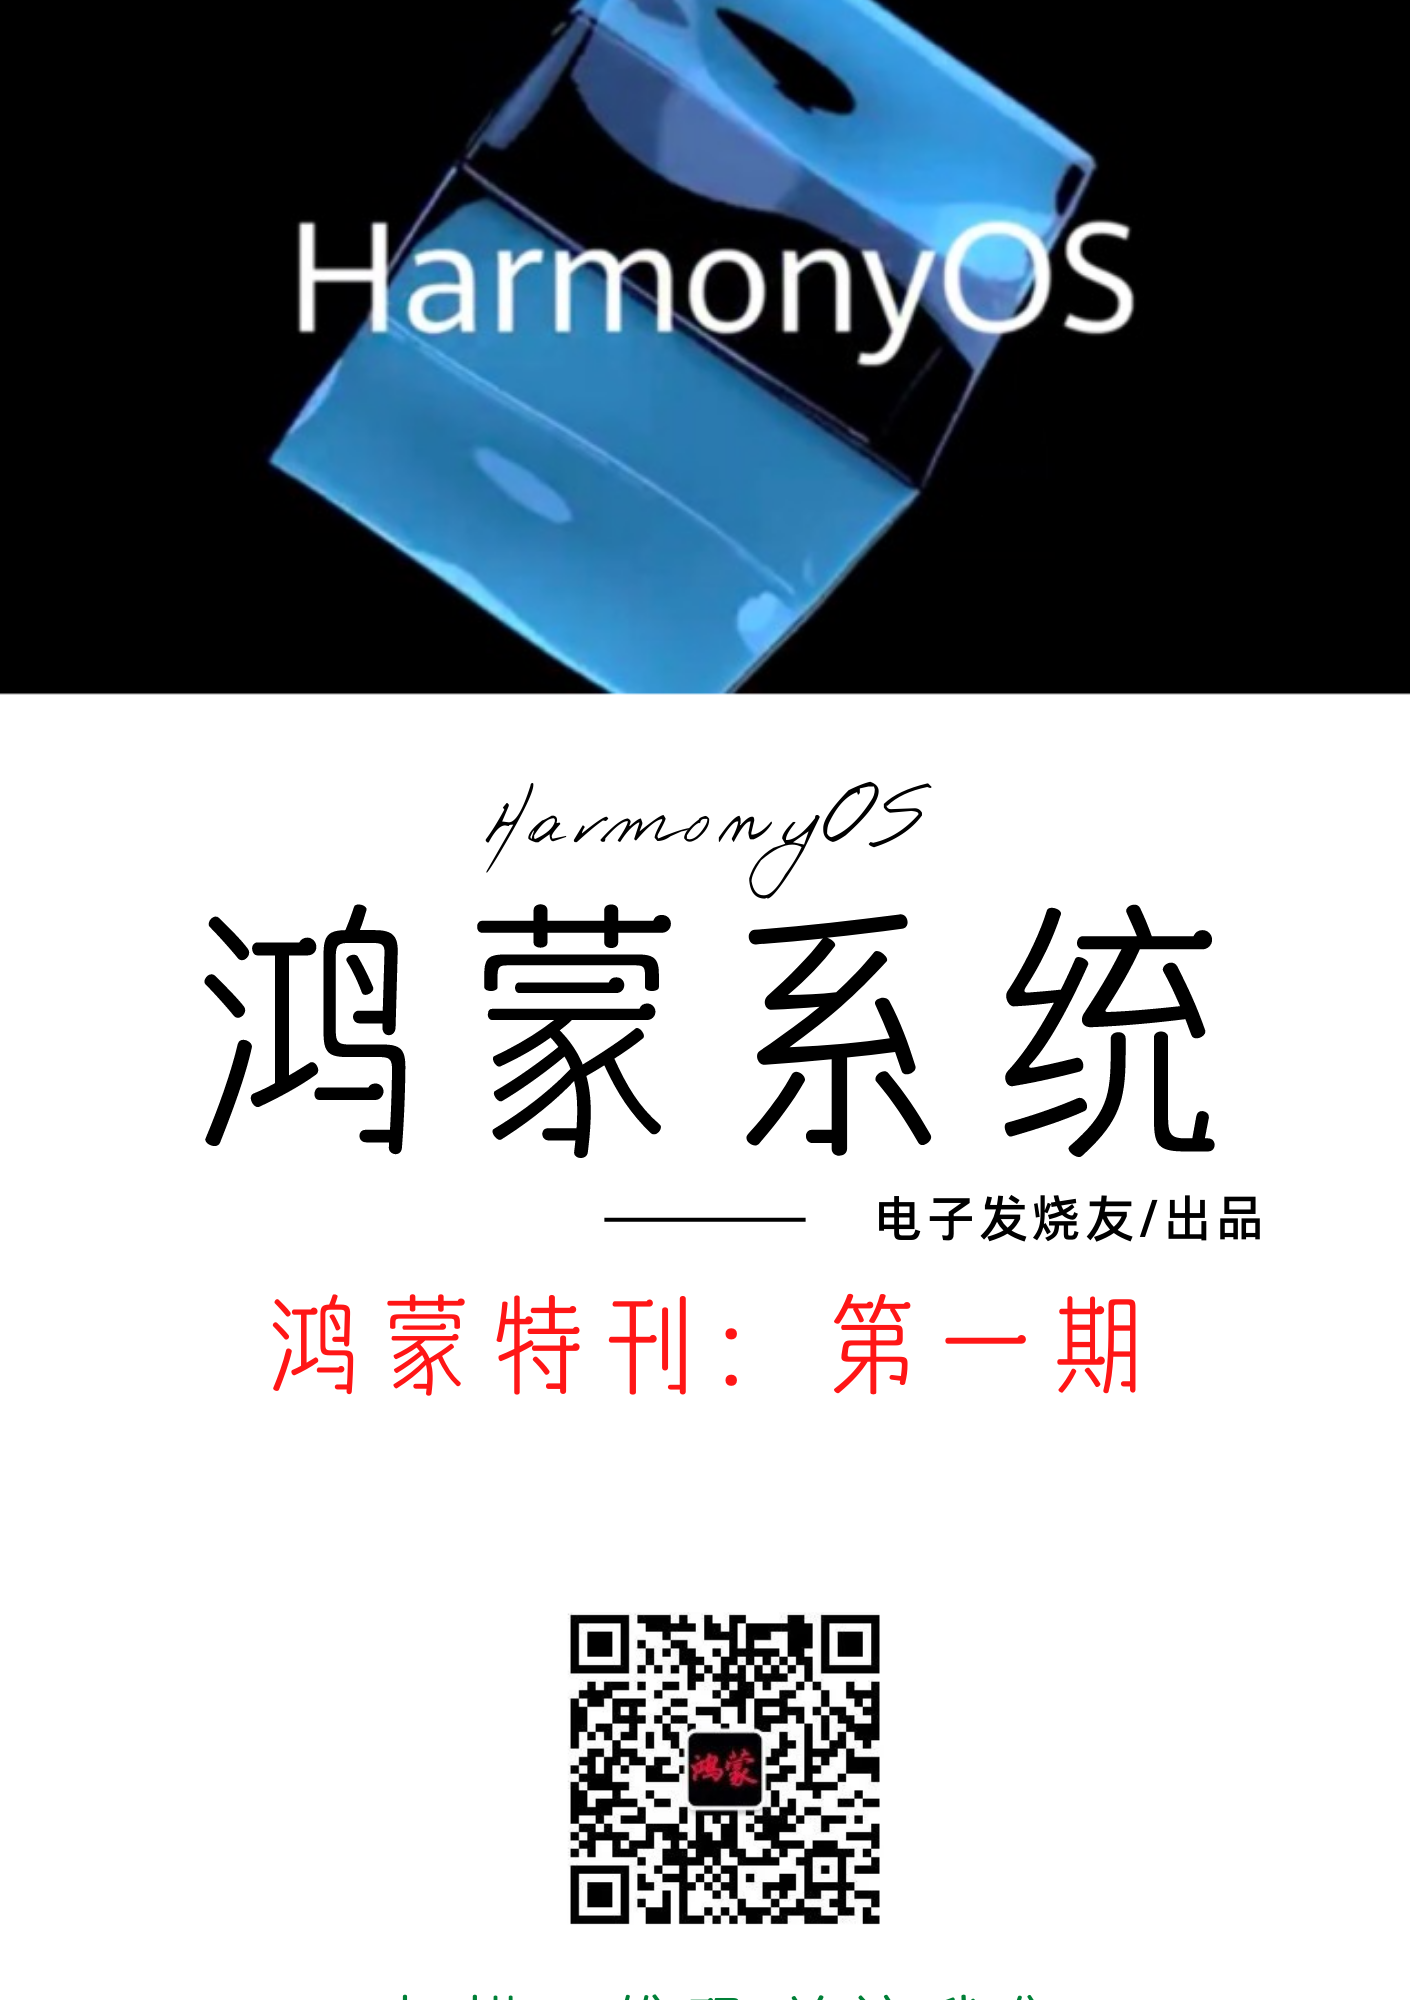 鸿蒙技术特刊——第一期 上线了!